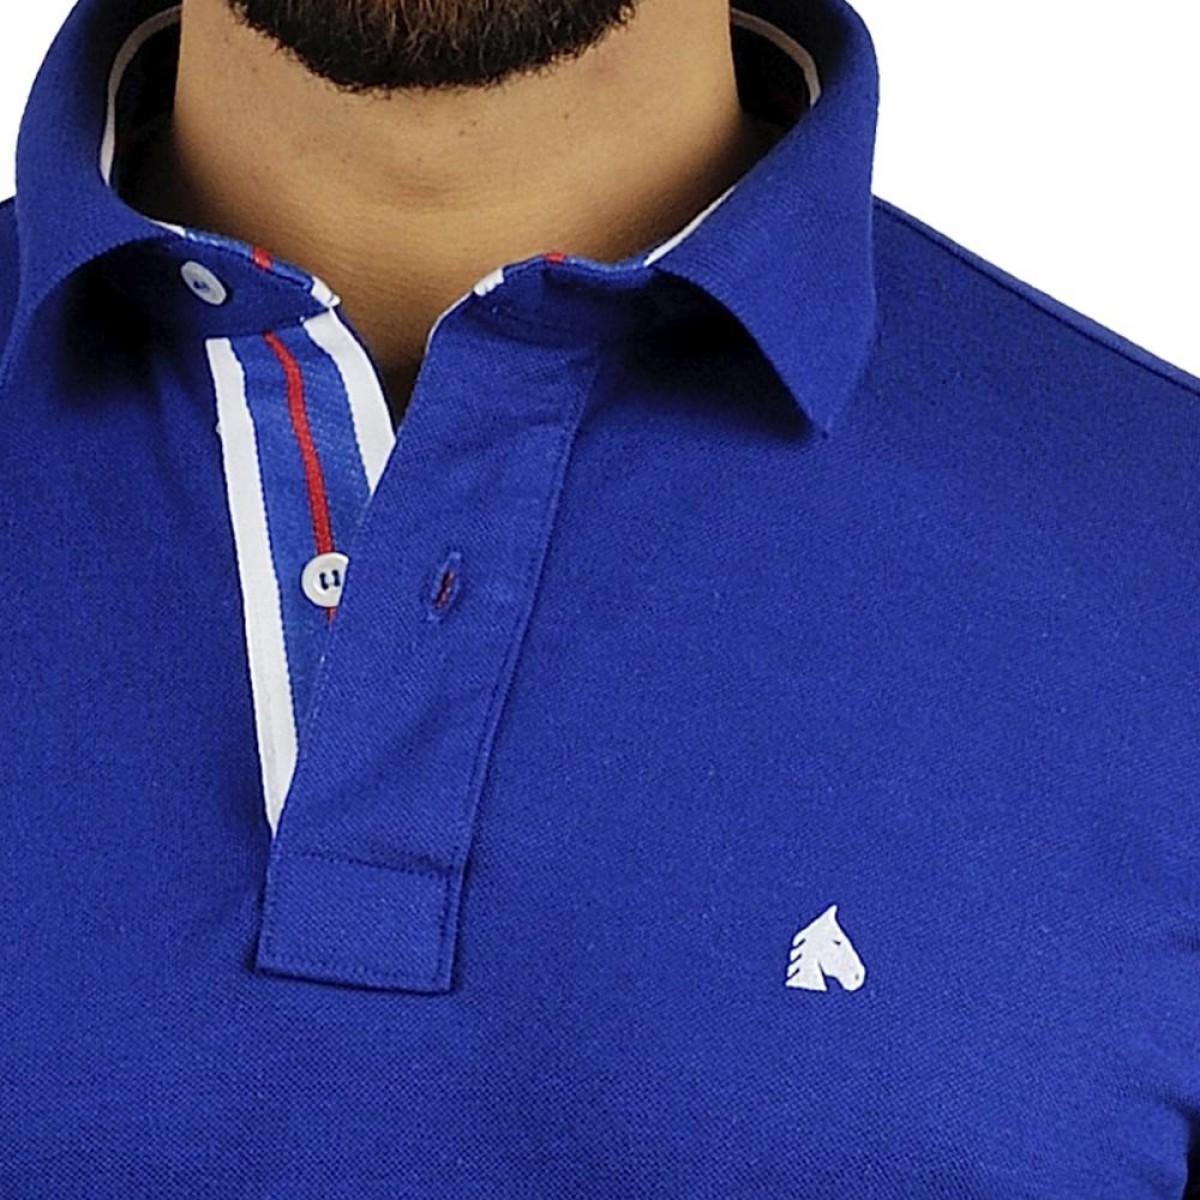 Camisa Polo BF   MS Azul Bic - BF   MS ba11c17389e90